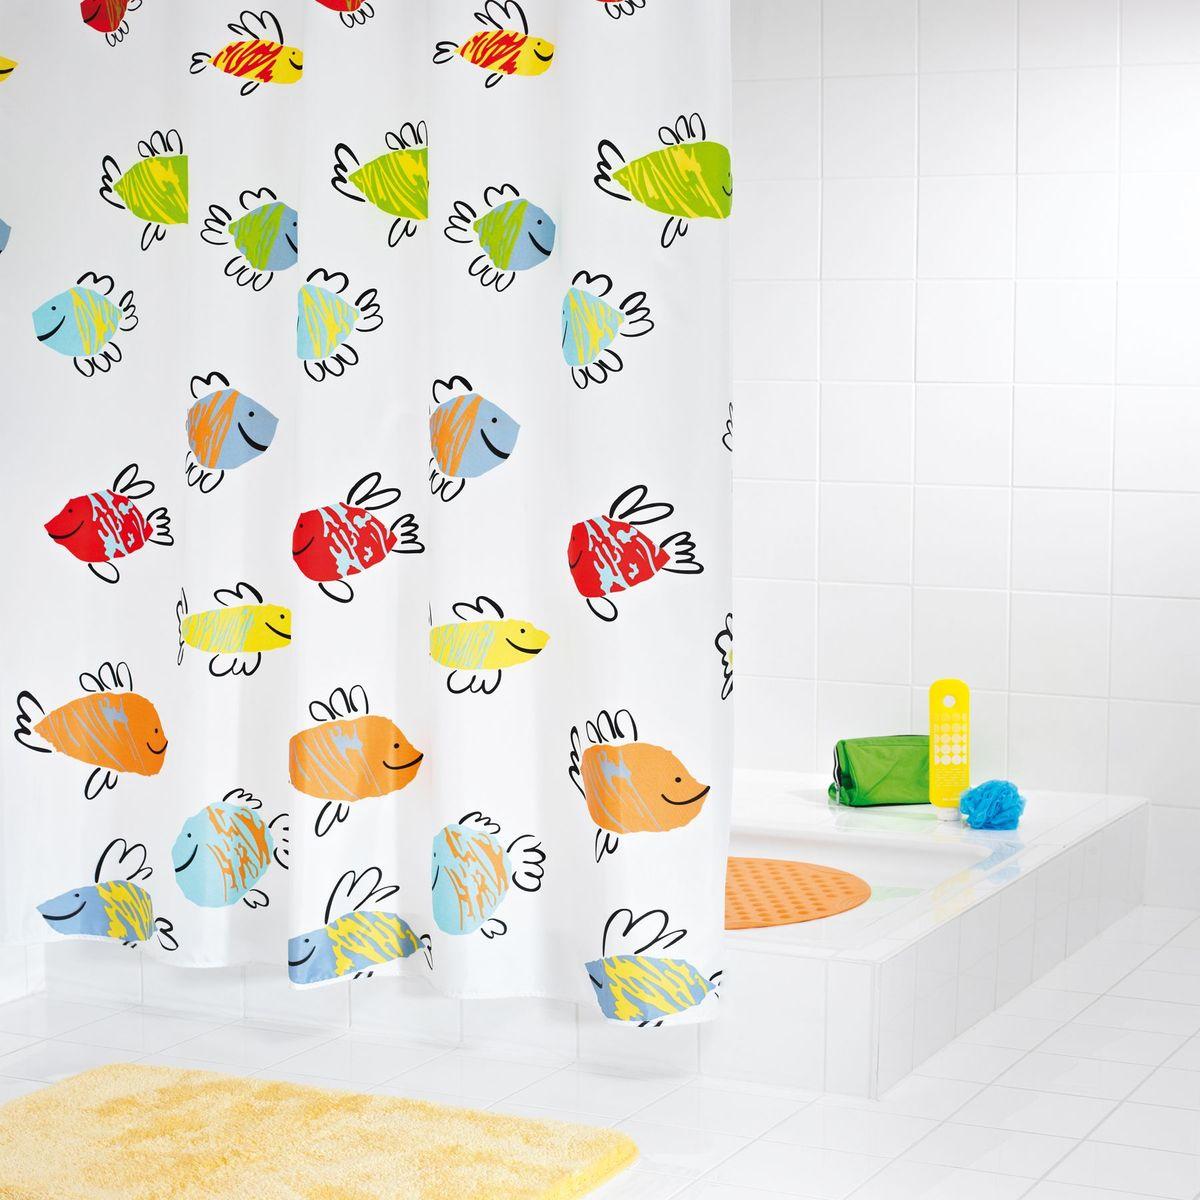 Штора для ванной комнаты Ridder Malawi, цвет: белый, мультиколор, 180 х 200 см mosambik malawi 1 1 200 000